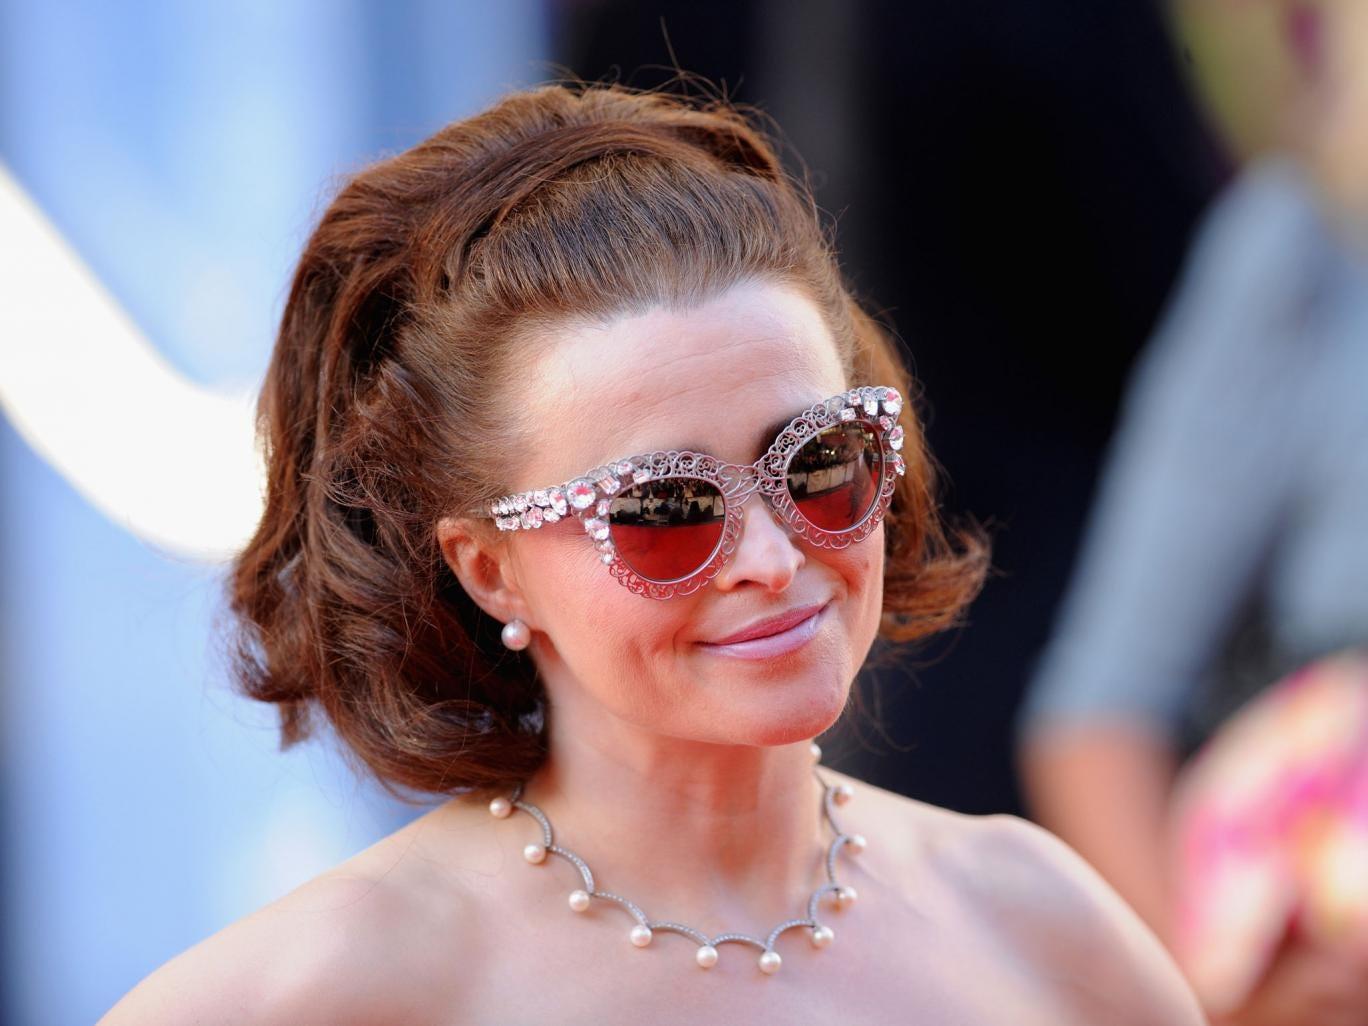 Helena Bonham Carter enjoys a close friendship with David and Samantha Cameron